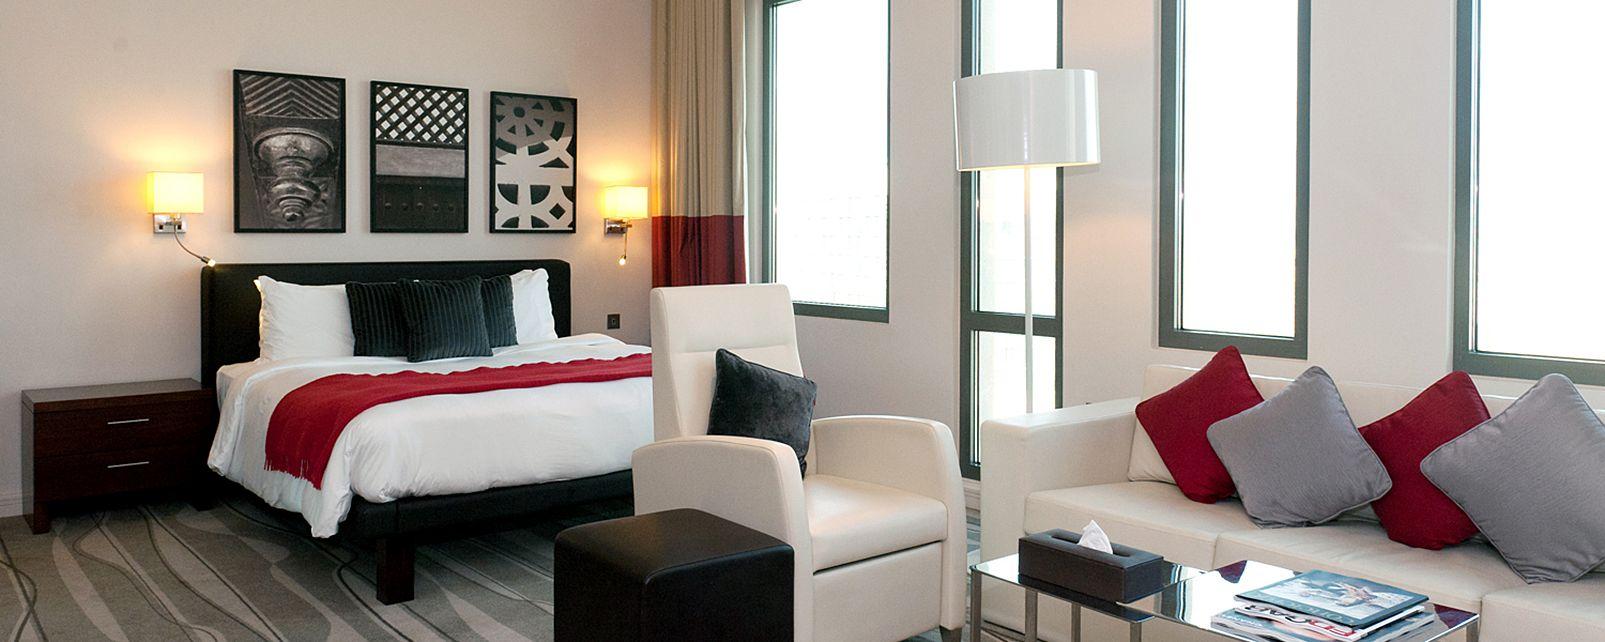 Hotel Staybridge Suites Abu Dhabi-Yas Island